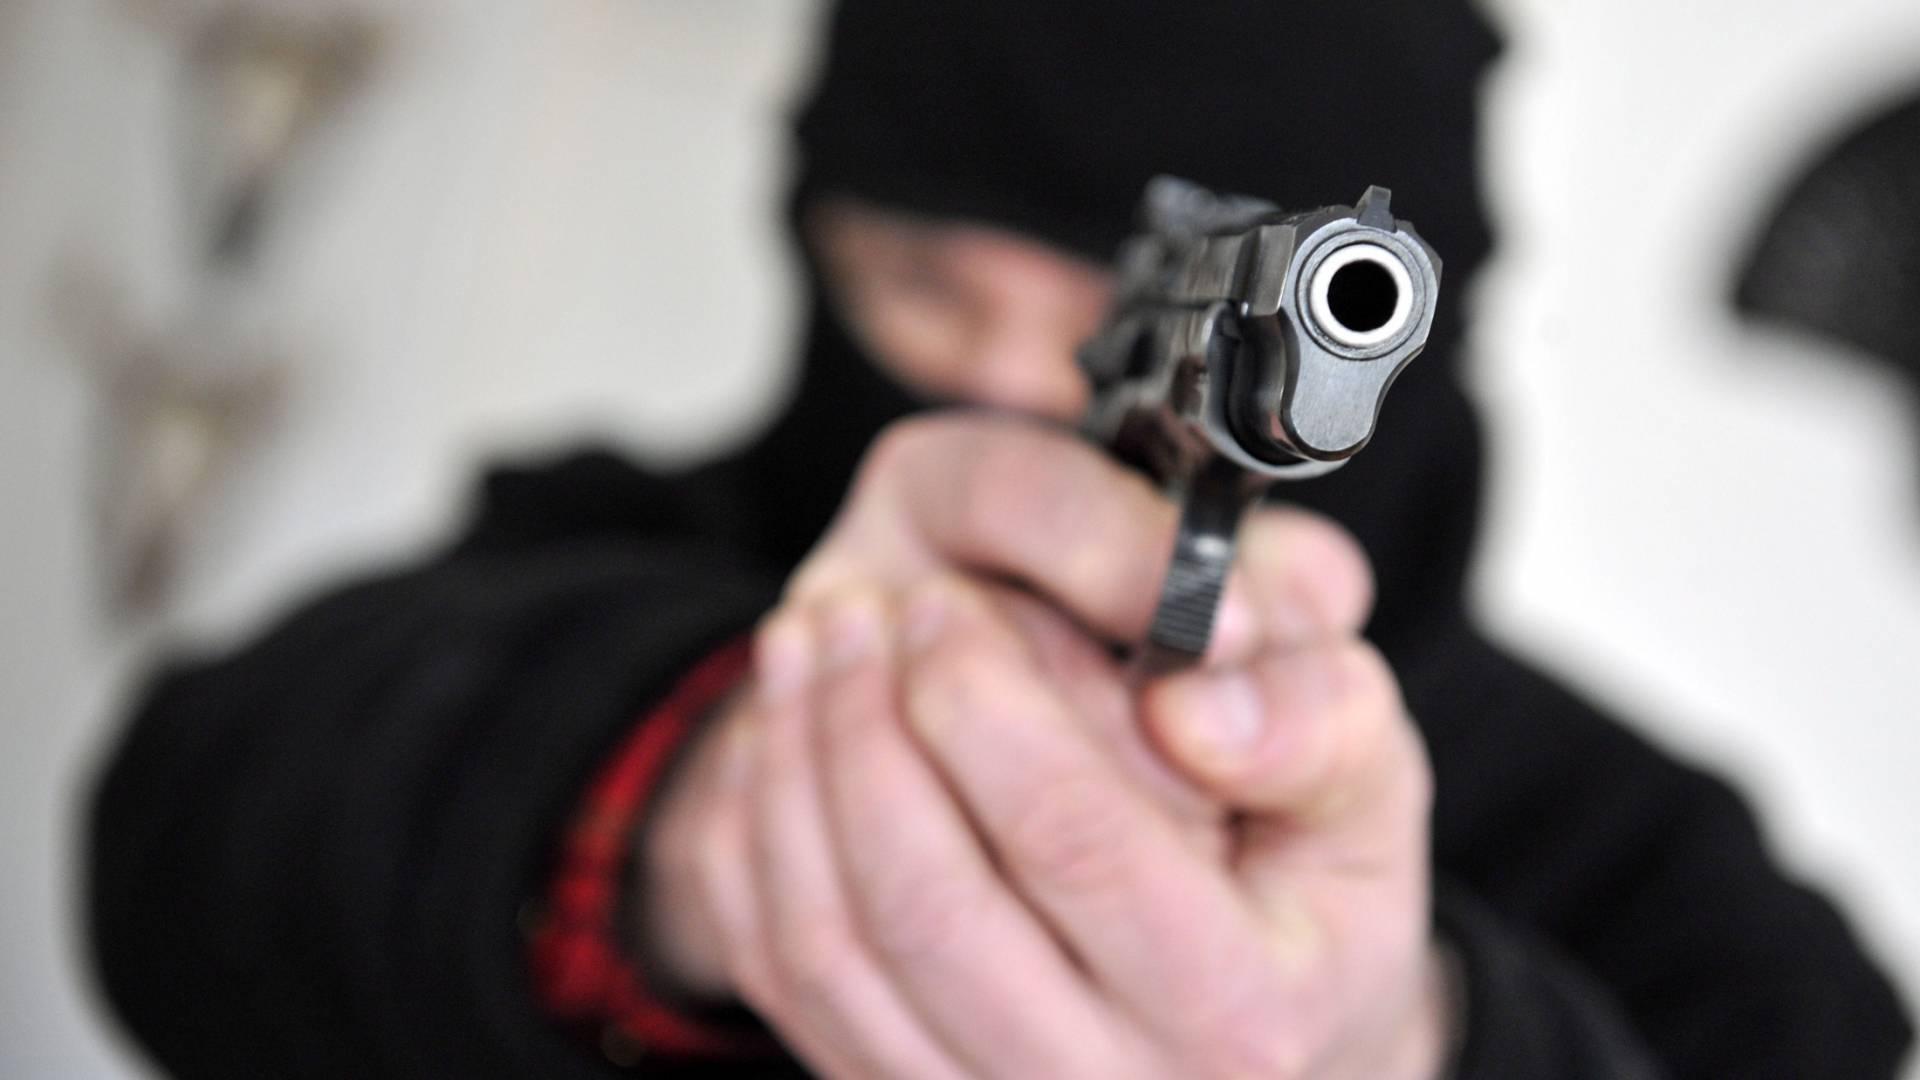 Ein bewaffneter Täter bei einem Überfall